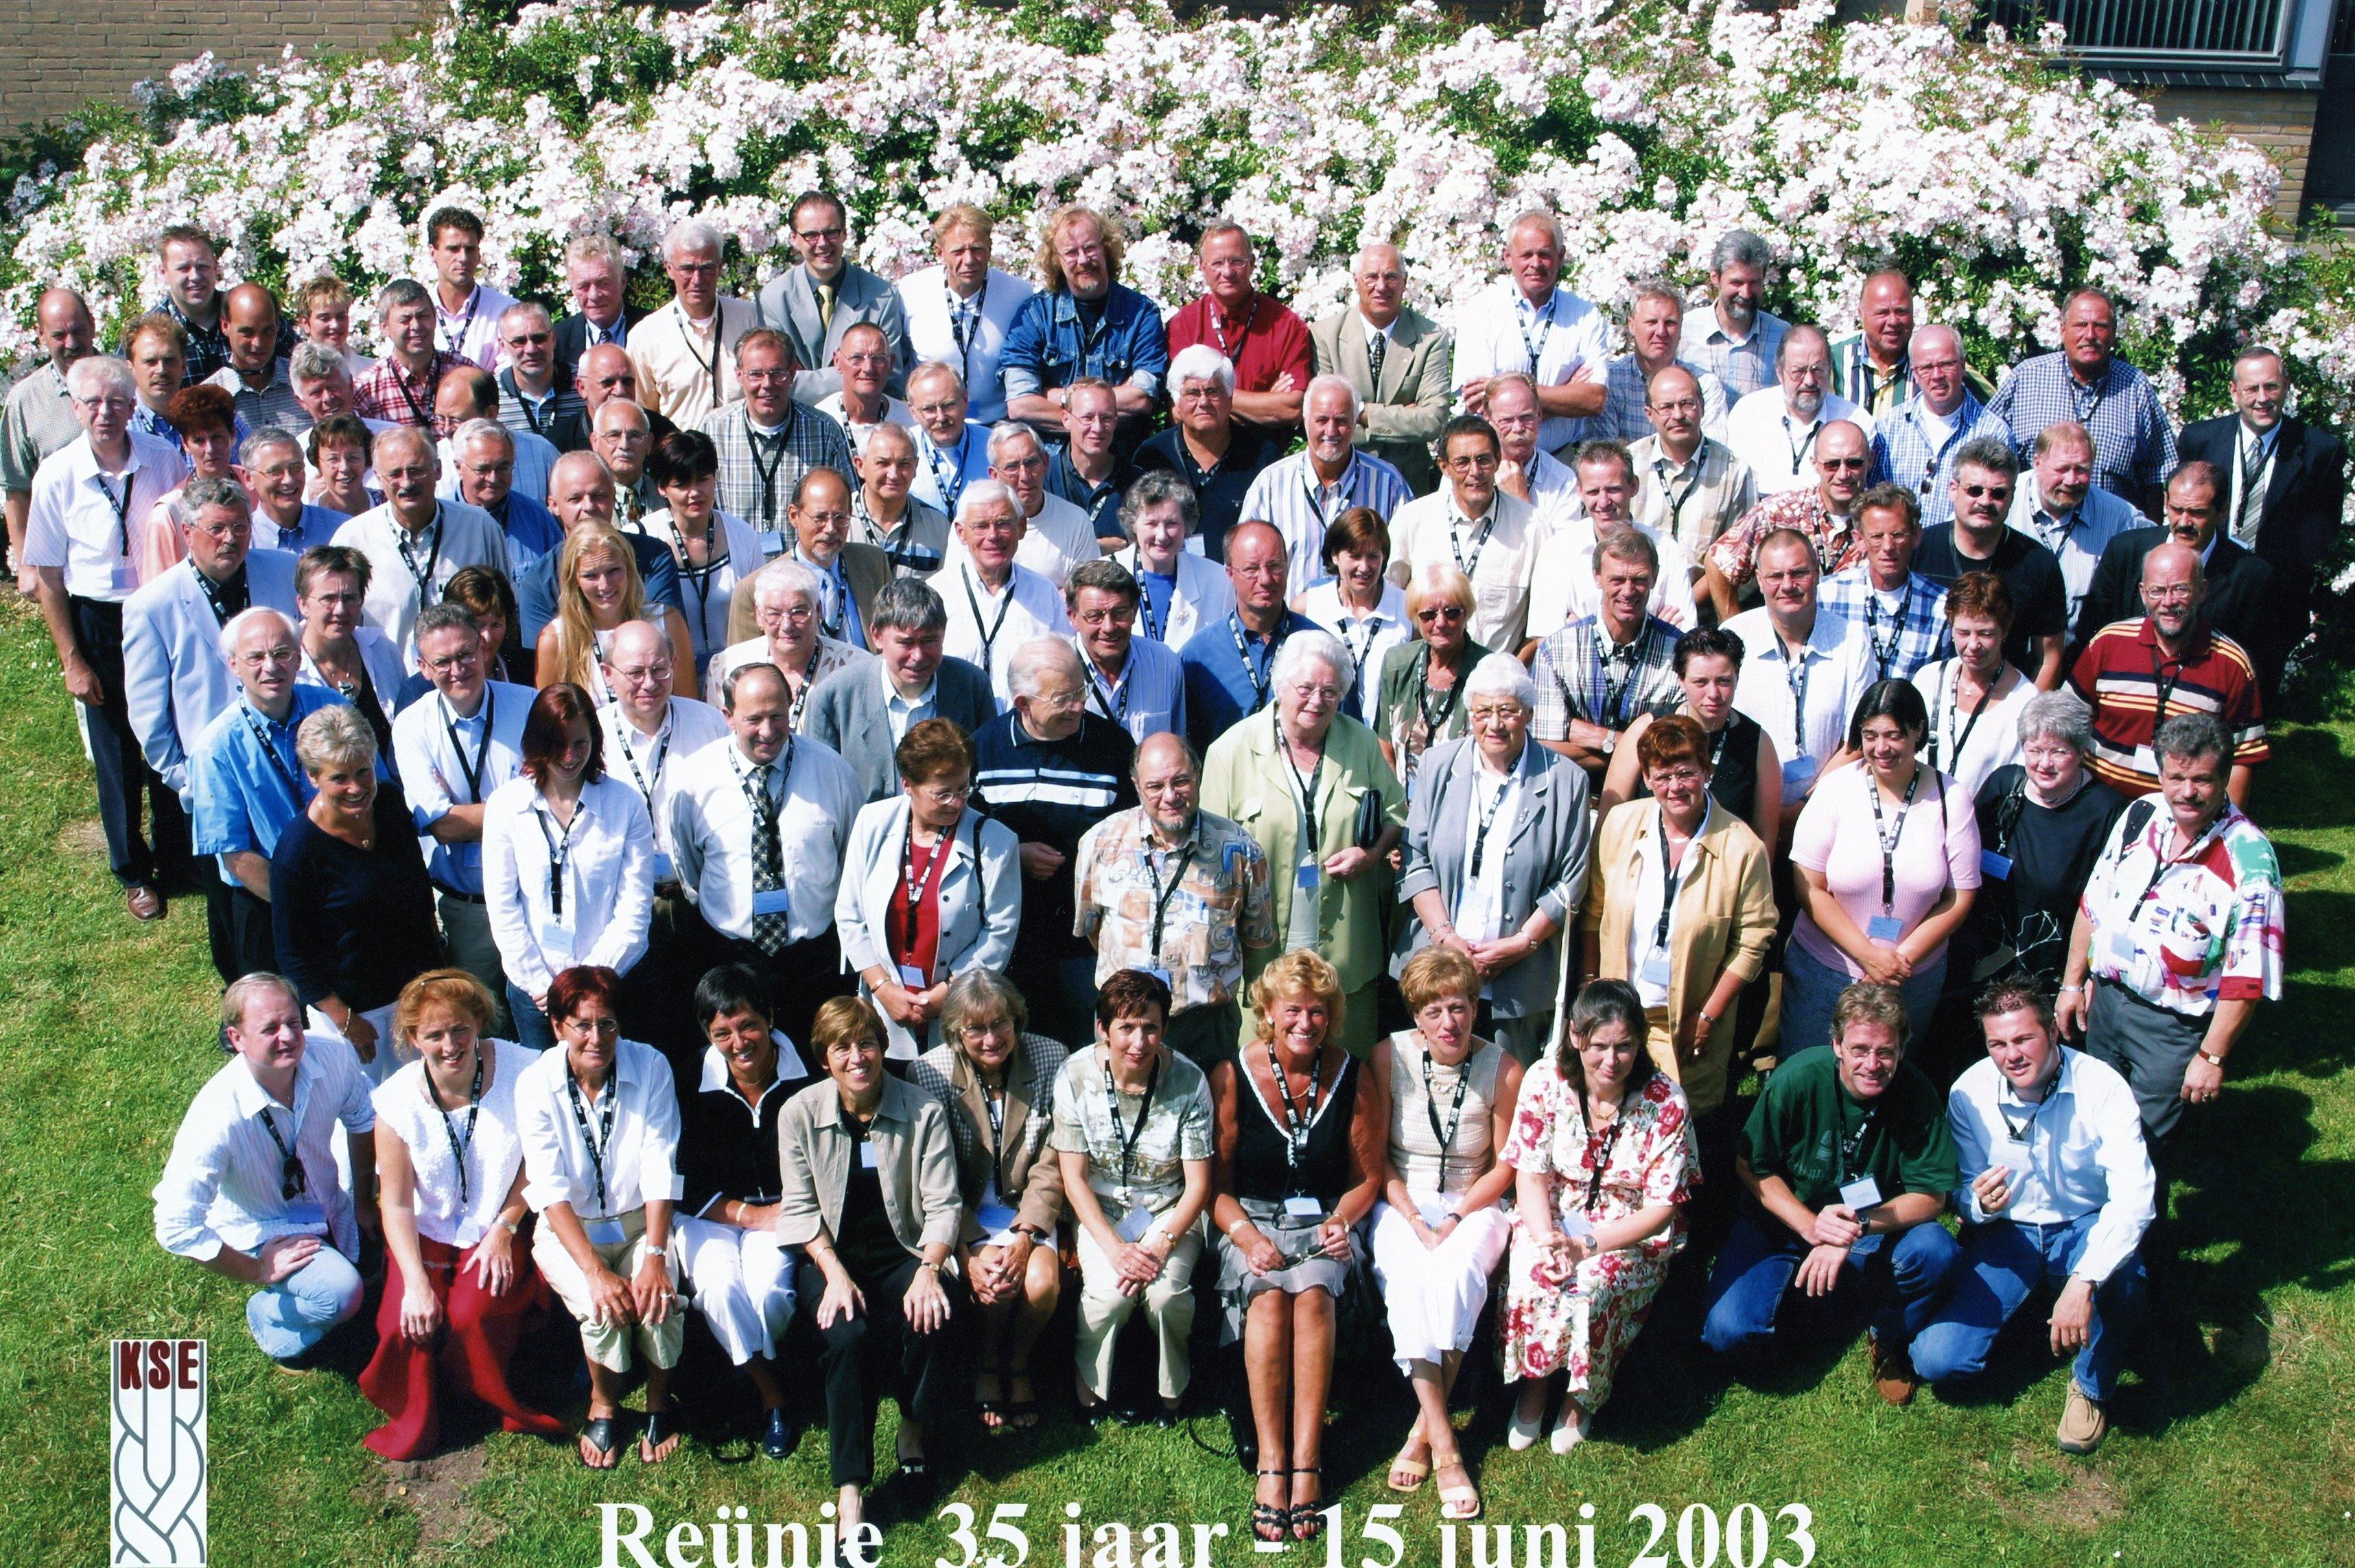 Reunie 2003: (oud) docenten en (oud) medewerkers samen op de foto